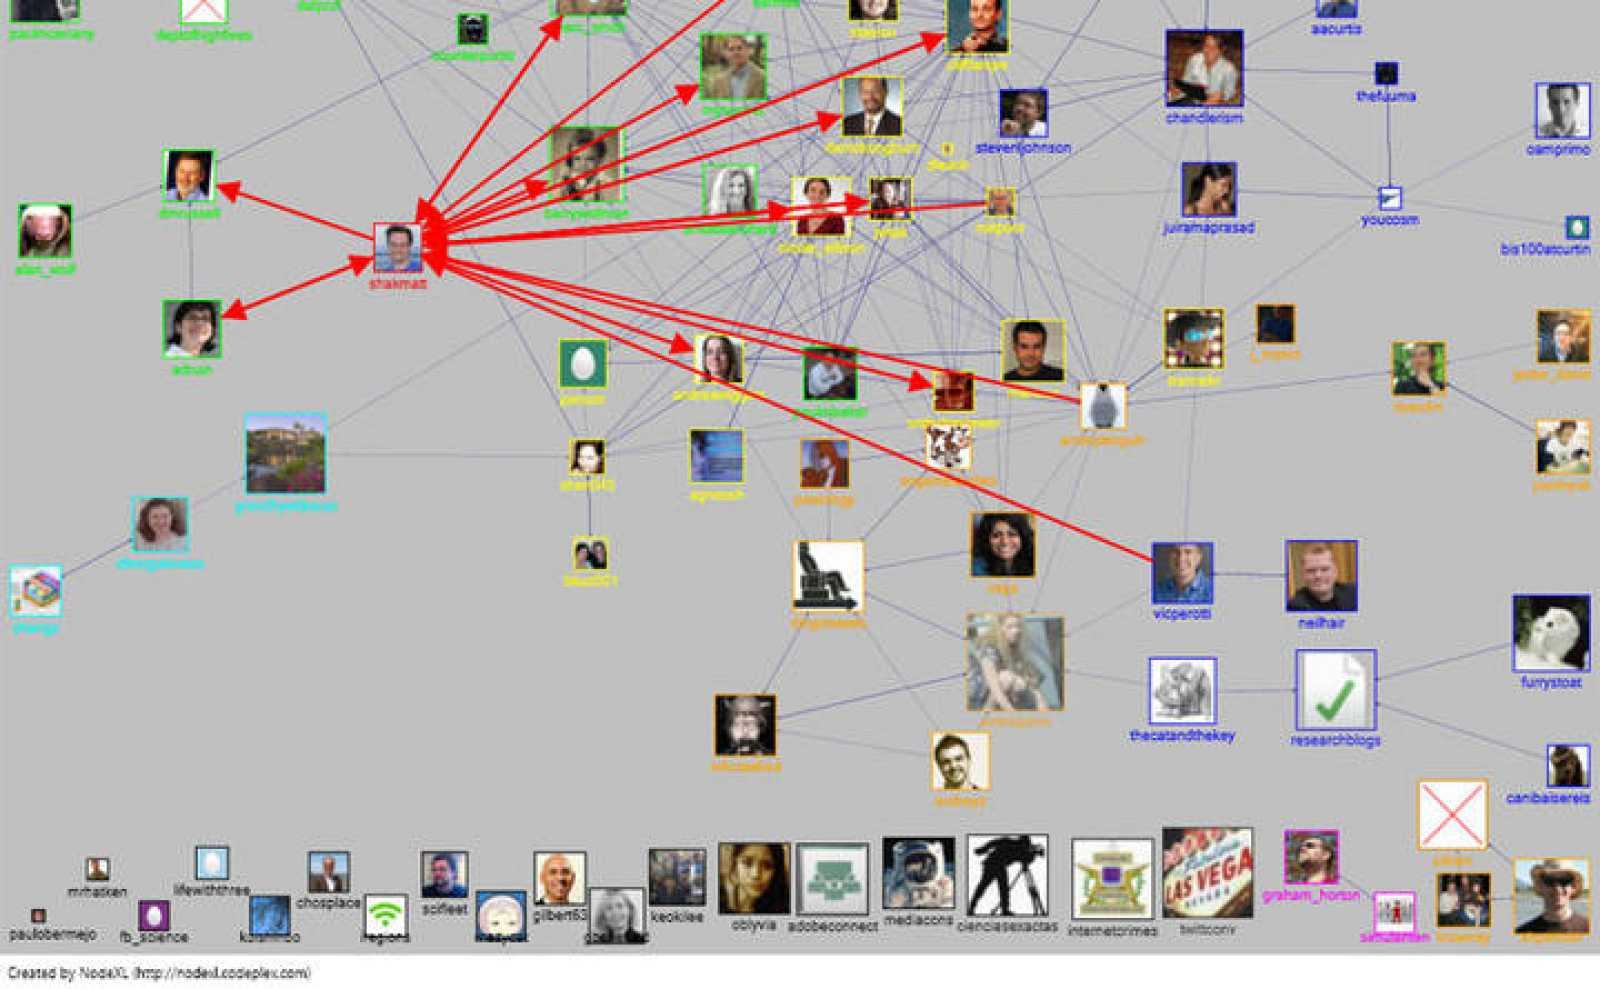 Visualización de una red social formada por usuarios de Twitter